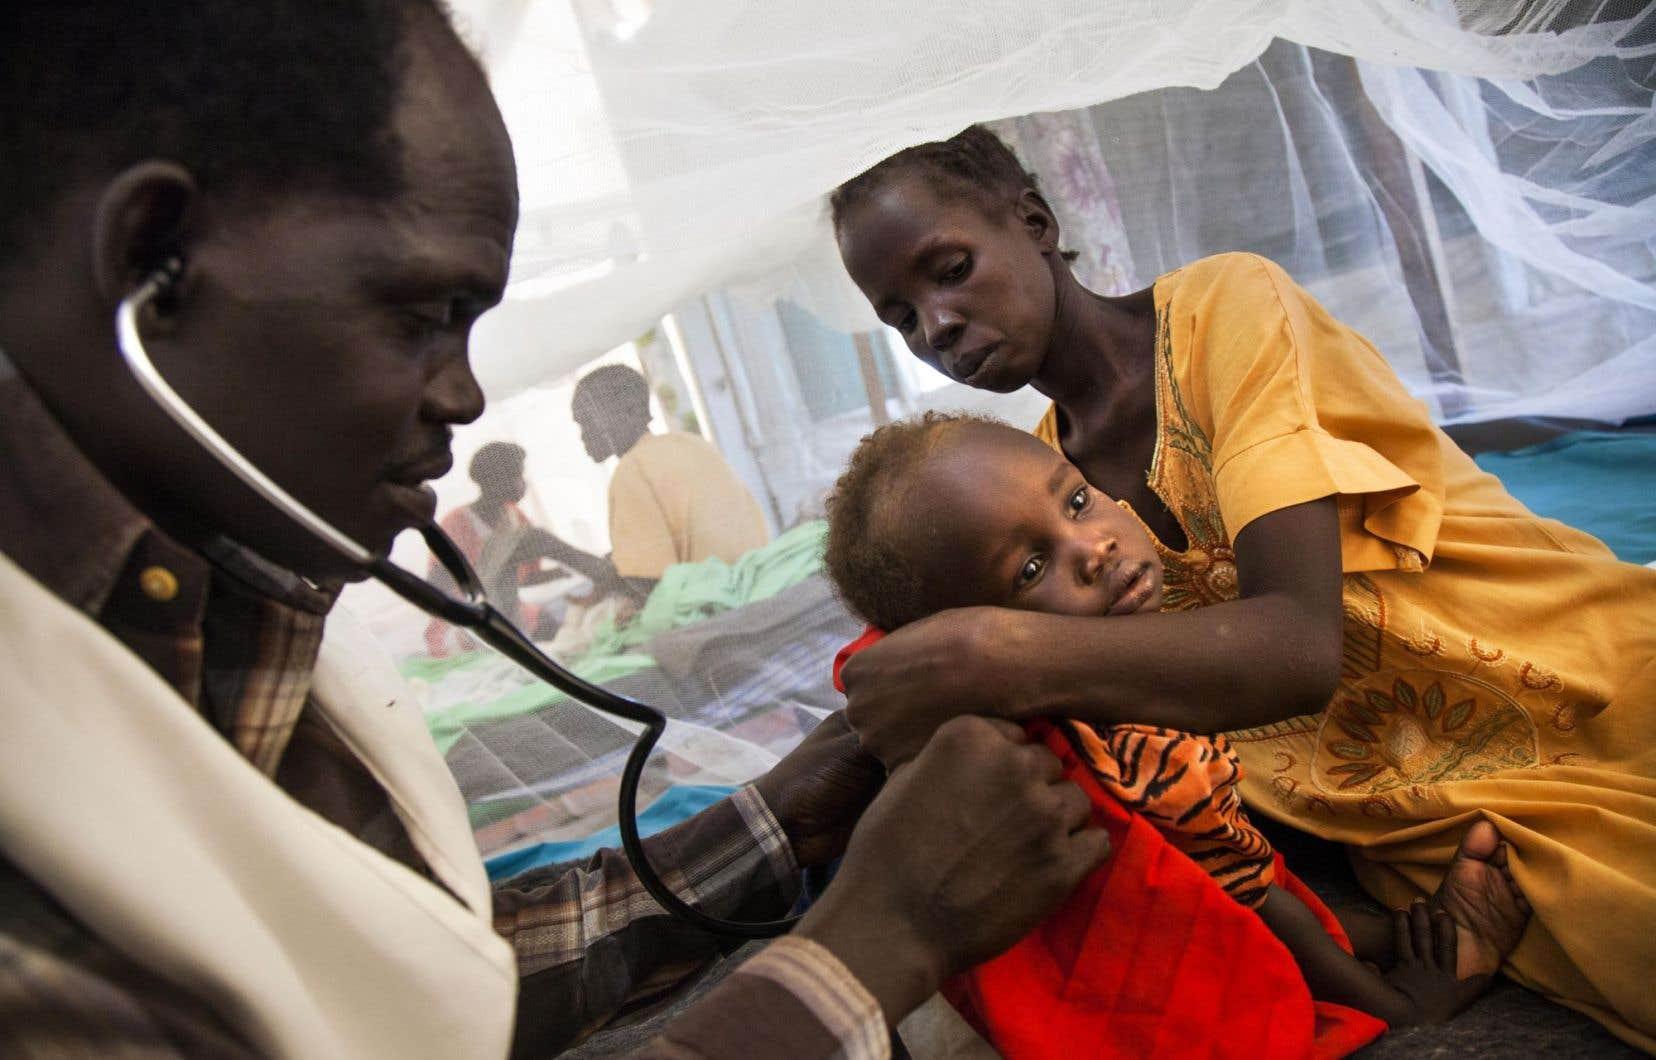 Un médecin de l'organisme Médecins sans frontières examinait une petite fille atteinte de tuberculose à Malakal, au Soudan du Sud, en juin dernier.